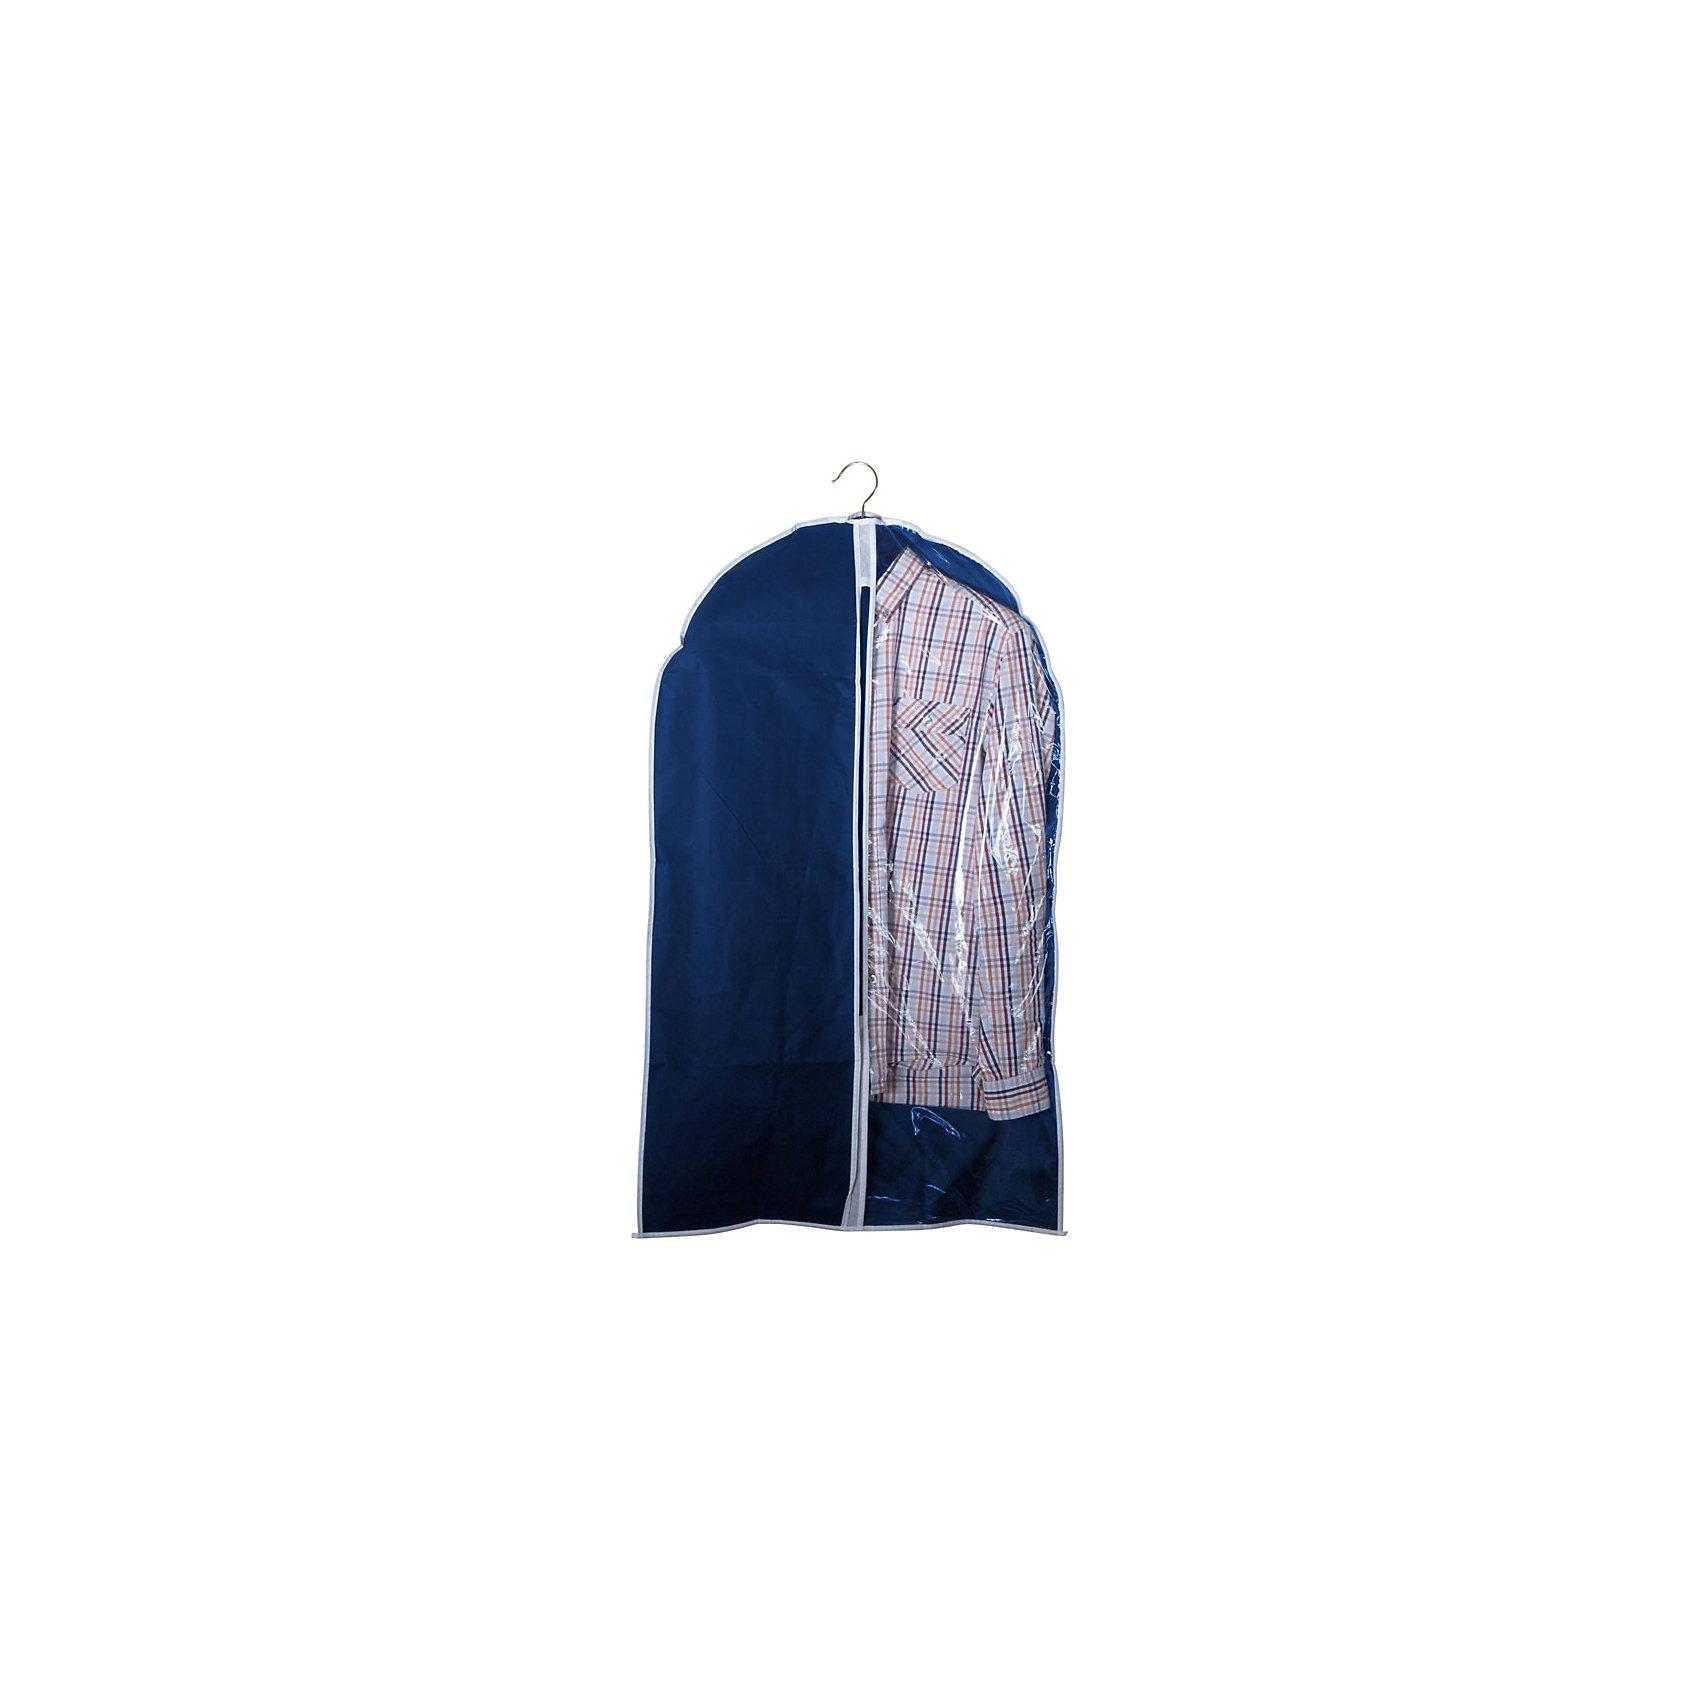 Чехол для одежды подвесной GCN-60*100, нетканка, 60*100см, Рыжий Кот, синийПодвесной чехол для одежды надежно защищает ваши вещи от насекомых, моли, влаги и пыли. Материал не электризуется. Прозрачное окошко для удобства. Дышаший материал идеально подходит для хранения изделий из кожи и меха. Застегивается на молнию. Для подвешивания в шкафу используется крючок.<br><br>Дополнительная информация:<br><br>Размер чехла: 60х100 см<br>Материал: 100% полипропилен (спанбонд), ПВХ<br>Плотность: спандбонд: 75gsm, пвх: 0,08мм<br><br>Чехол для одежды подвесной GCN-60*100, нетканка, 60*100см, Рыжий Кот, синий можно купить в нашем интернет-магазине.<br><br>Ширина мм: 320<br>Глубина мм: 217<br>Высота мм: 25<br>Вес г: 133<br>Возраст от месяцев: 36<br>Возраст до месяцев: 1080<br>Пол: Унисекс<br>Возраст: Детский<br>SKU: 4989817